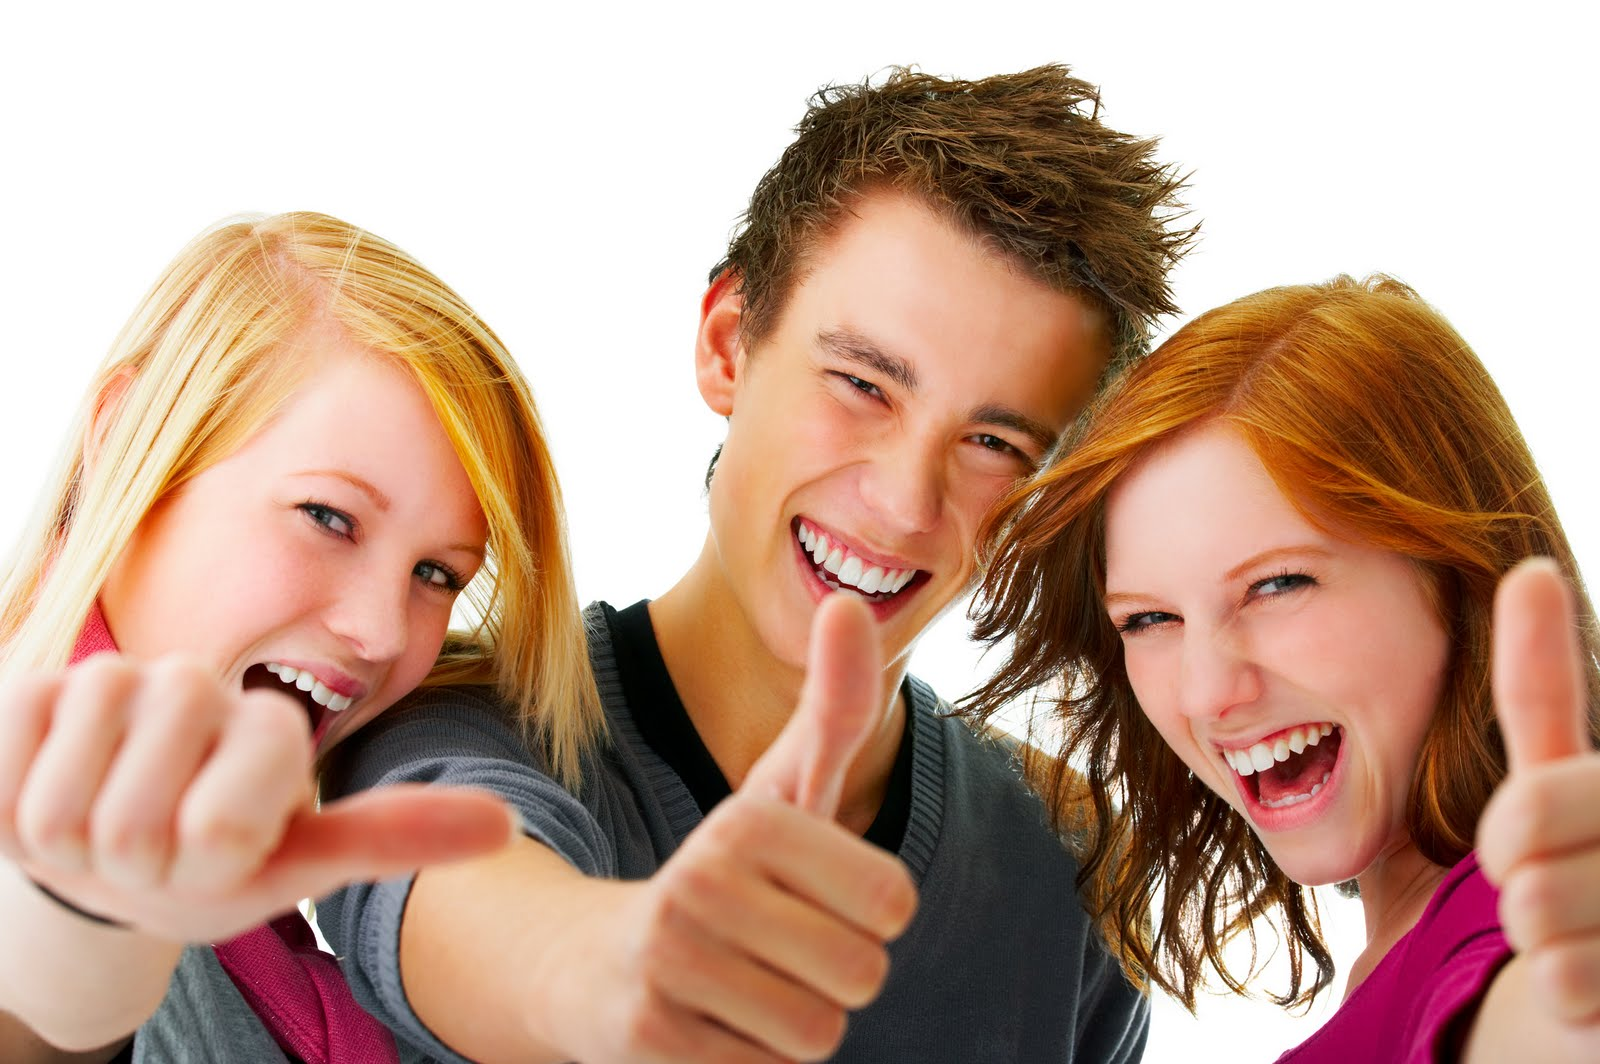 Sólo Chicas Adolescentes Fotografías e